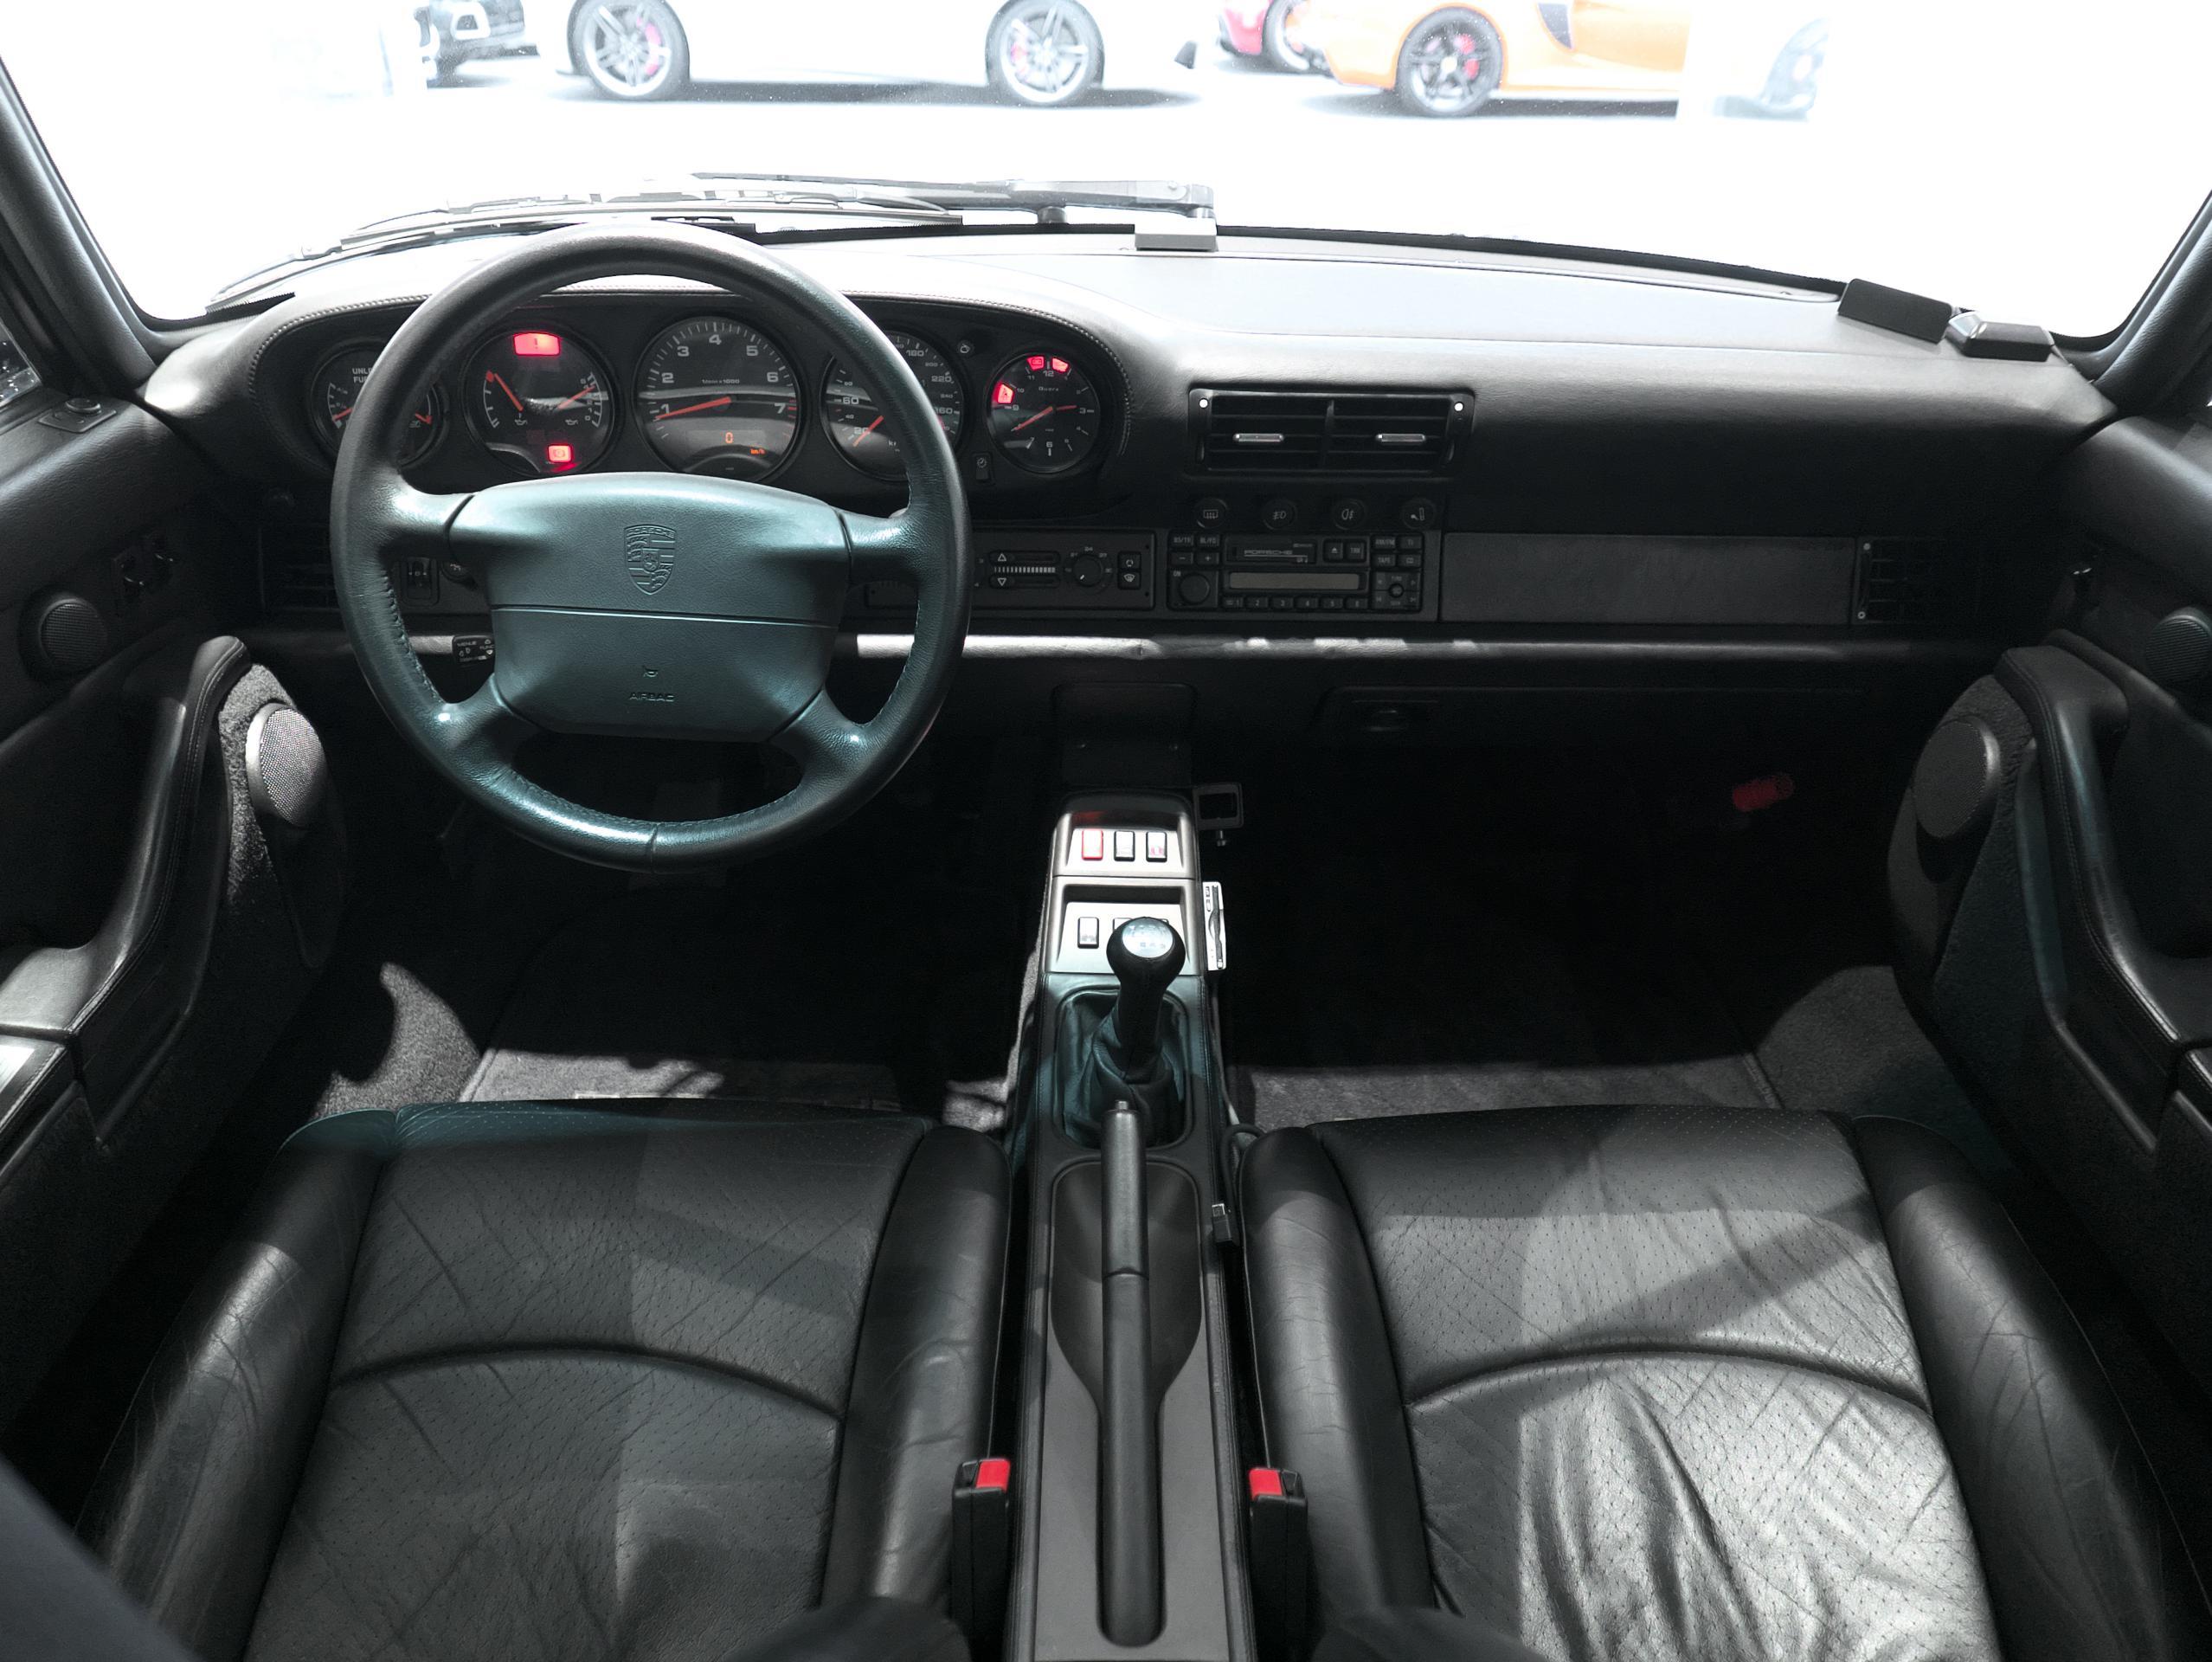 ポルシェ 911 カレラ4S 993 内装